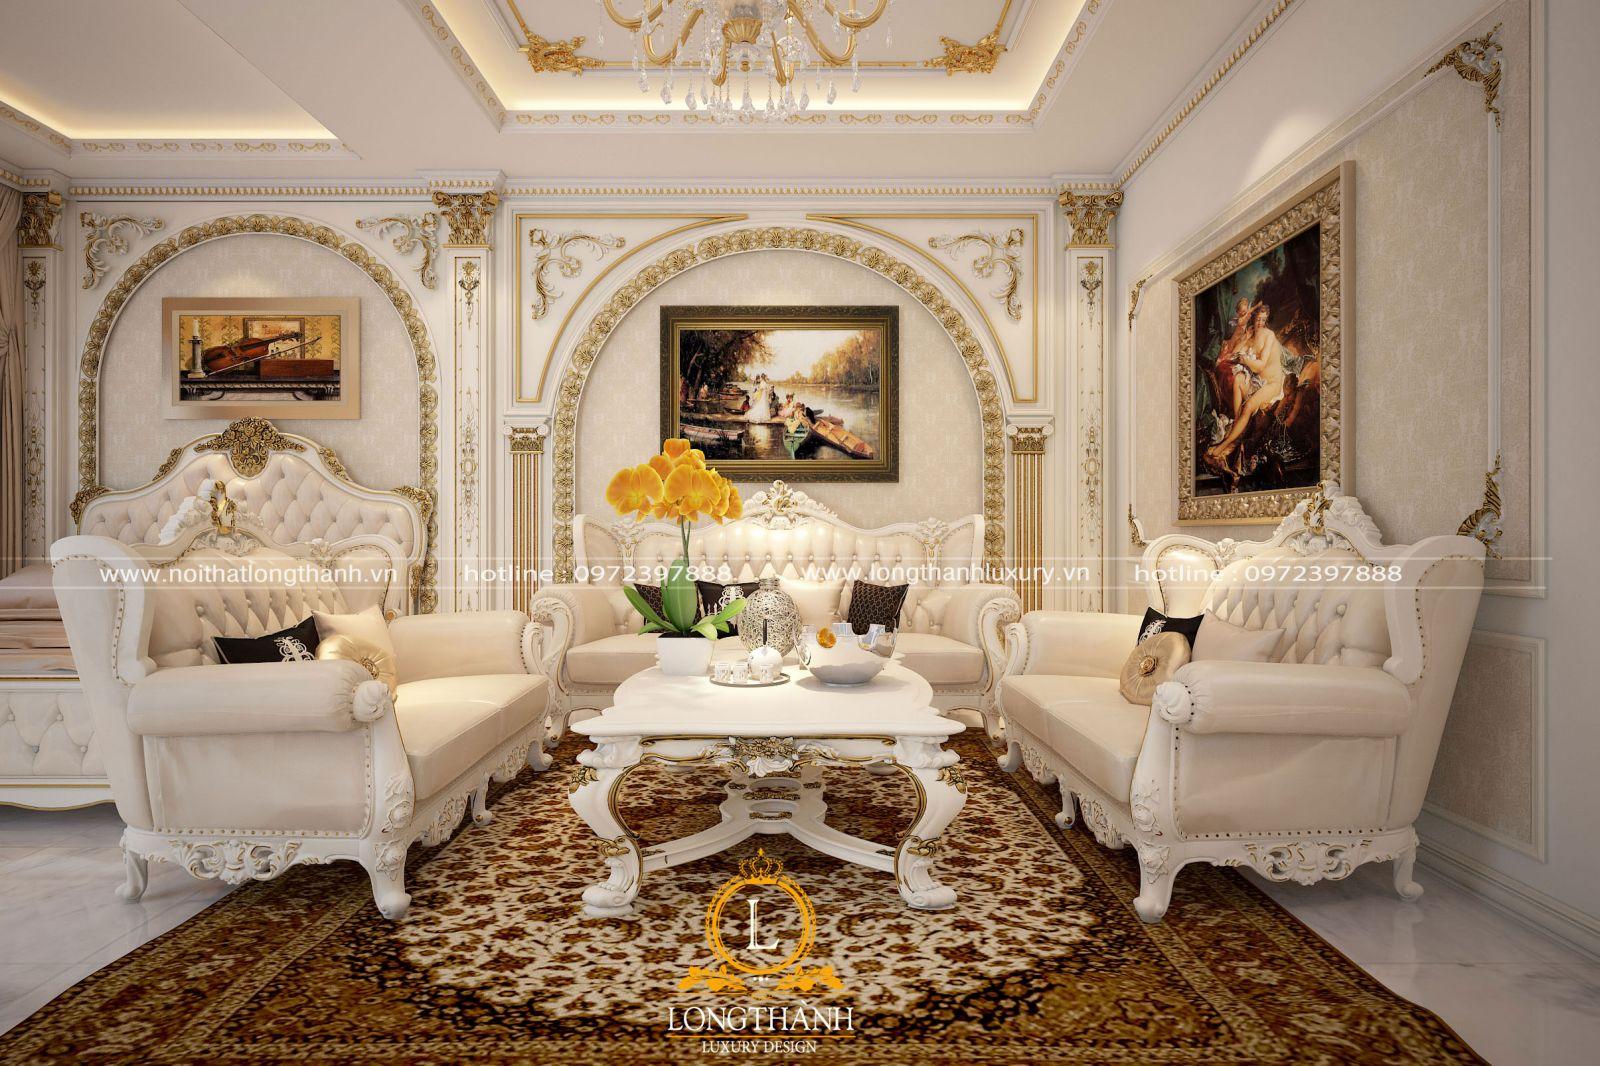 Thêm một mẫu sofa phòng khách sơn trắng dát vàng đẳng cấp